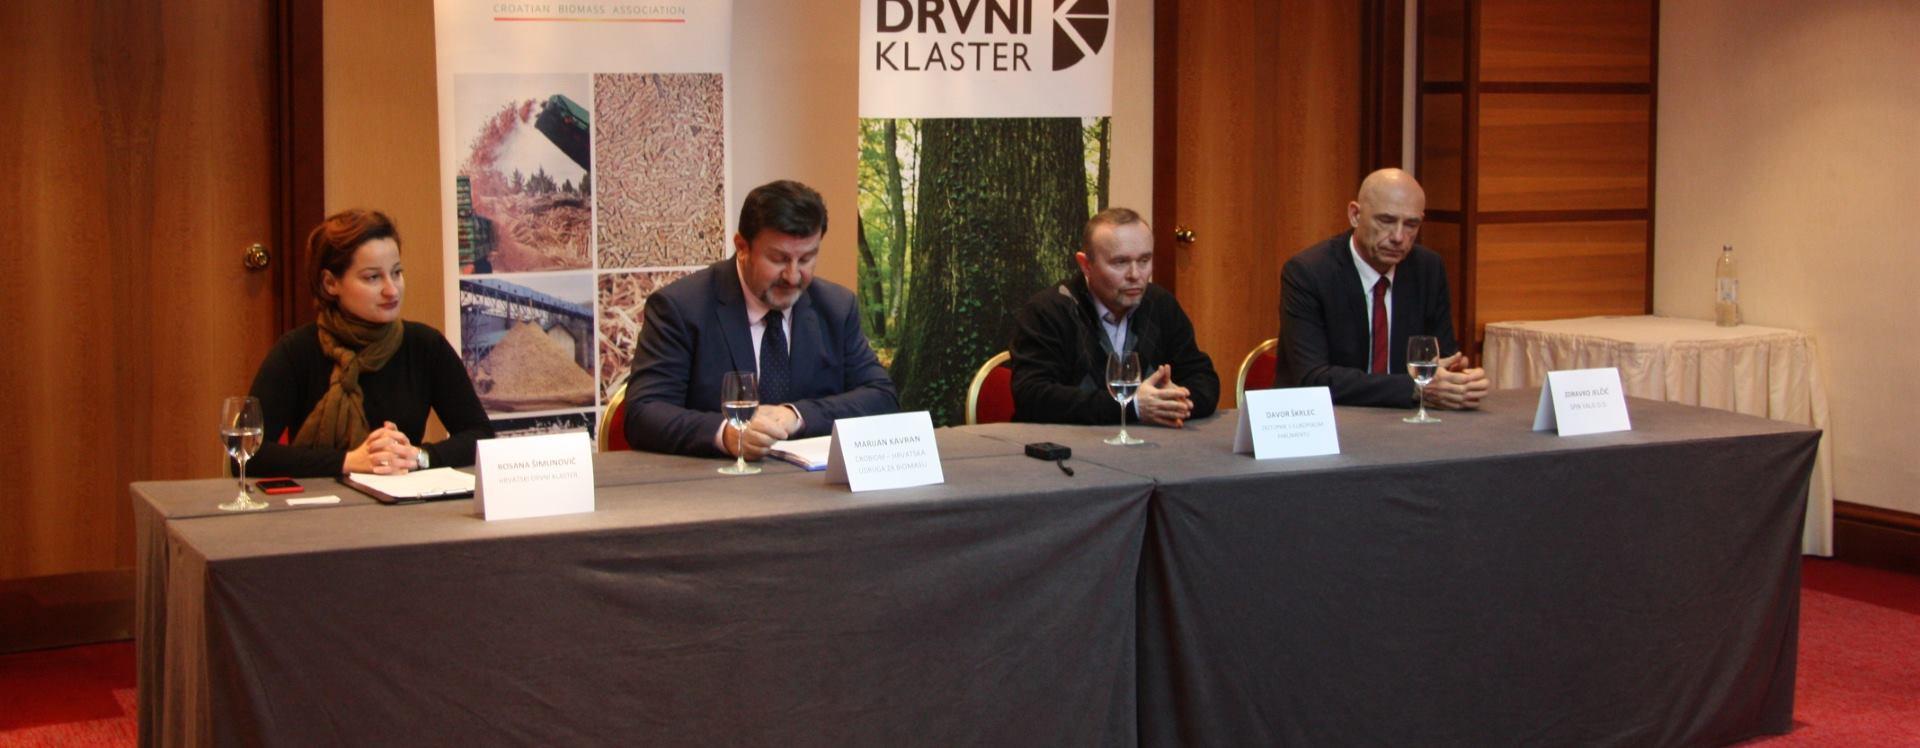 Održana konferencija za medije povodom otvaranja8. Međunarodne energetske konferencije